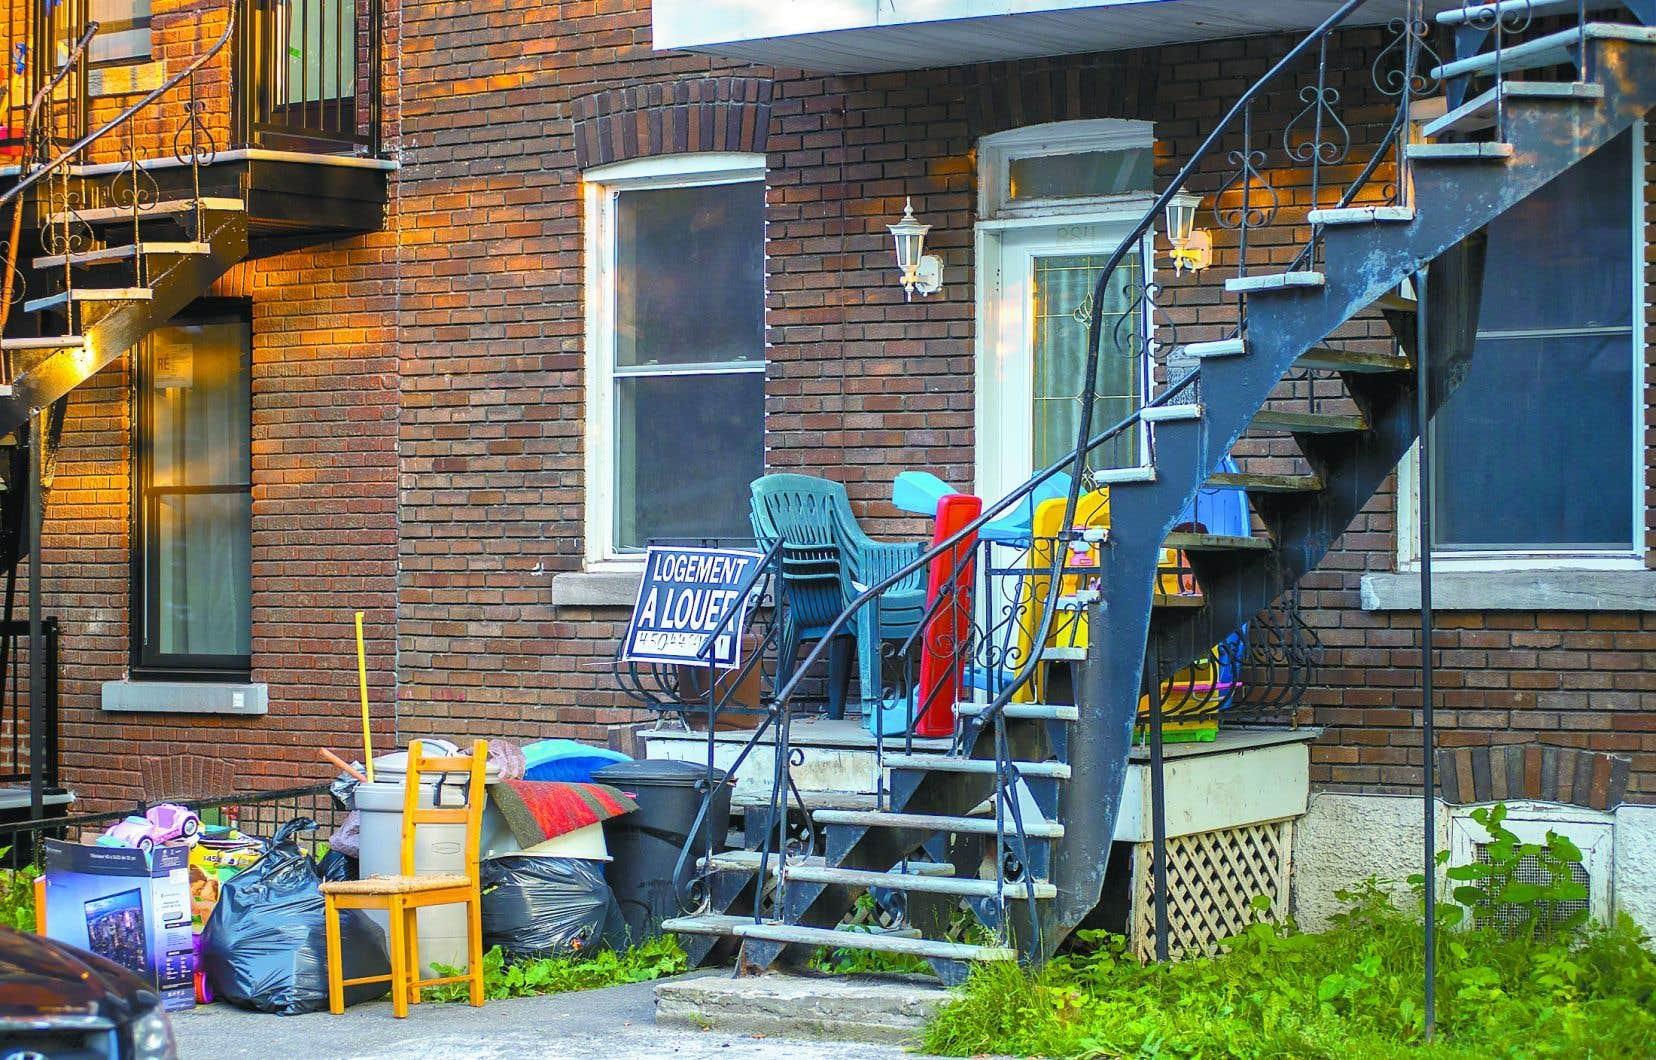 Le virus a non seulement plongé dans la précarité bon nombre de familles, mais aussi compliqué grandement la recherche d'appartements.